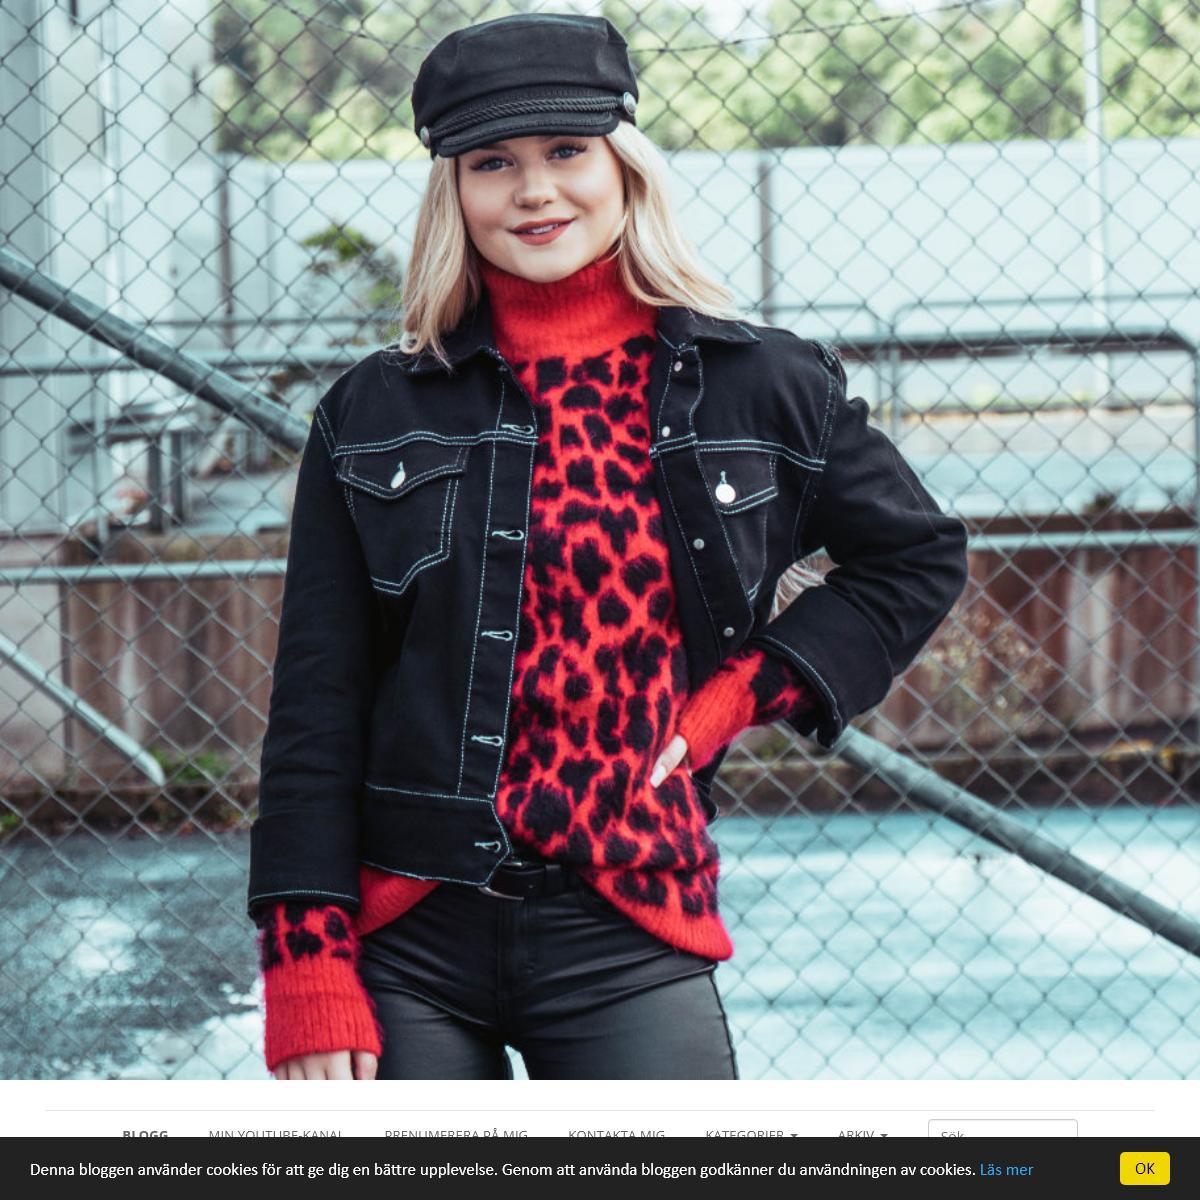 Misslisibells Blogg - En blogg om mode, smink och skoj!